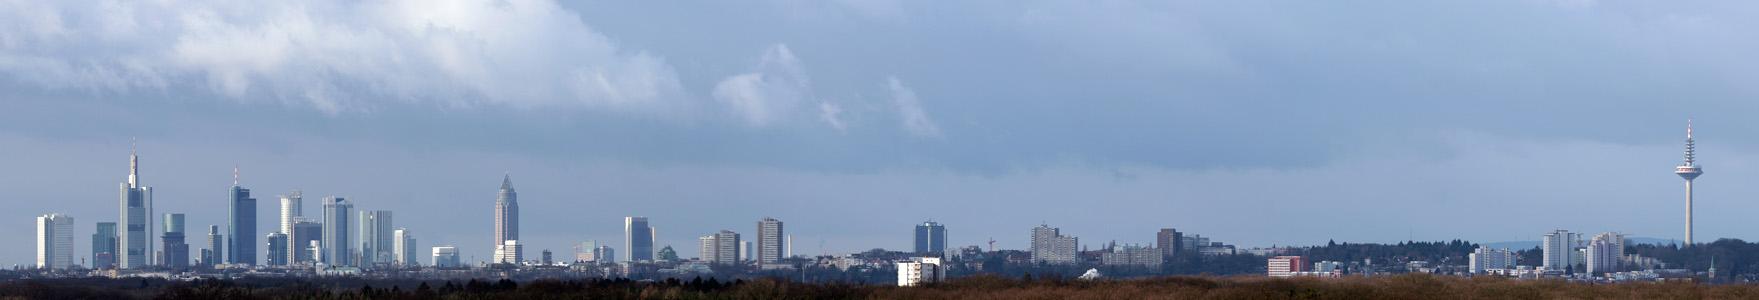 Panorama von Frankfurt am Main @day